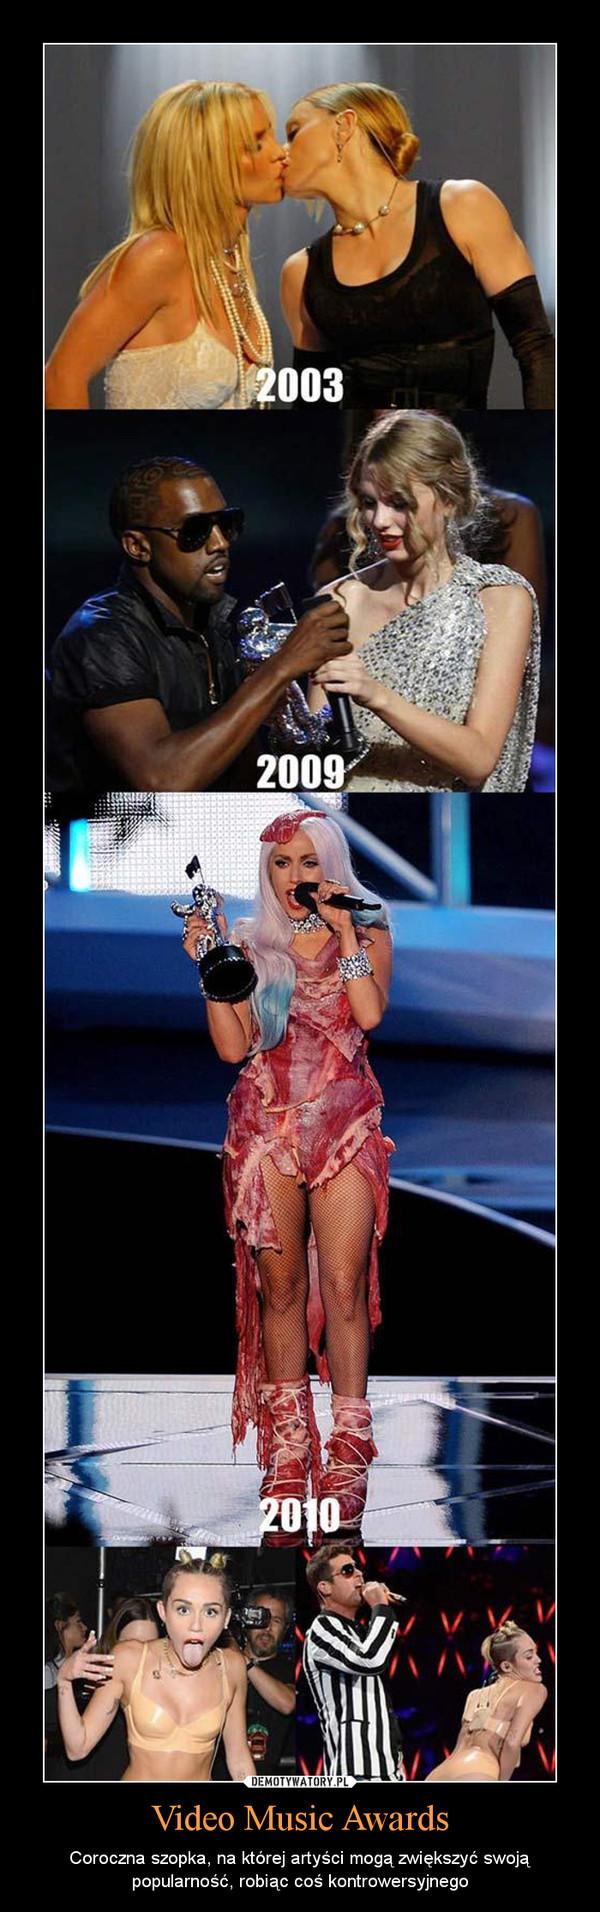 Video Music Awards – Coroczna szopka, na której artyści mogą zwiększyć swoją popularność, robiąc coś kontrowersyjnego